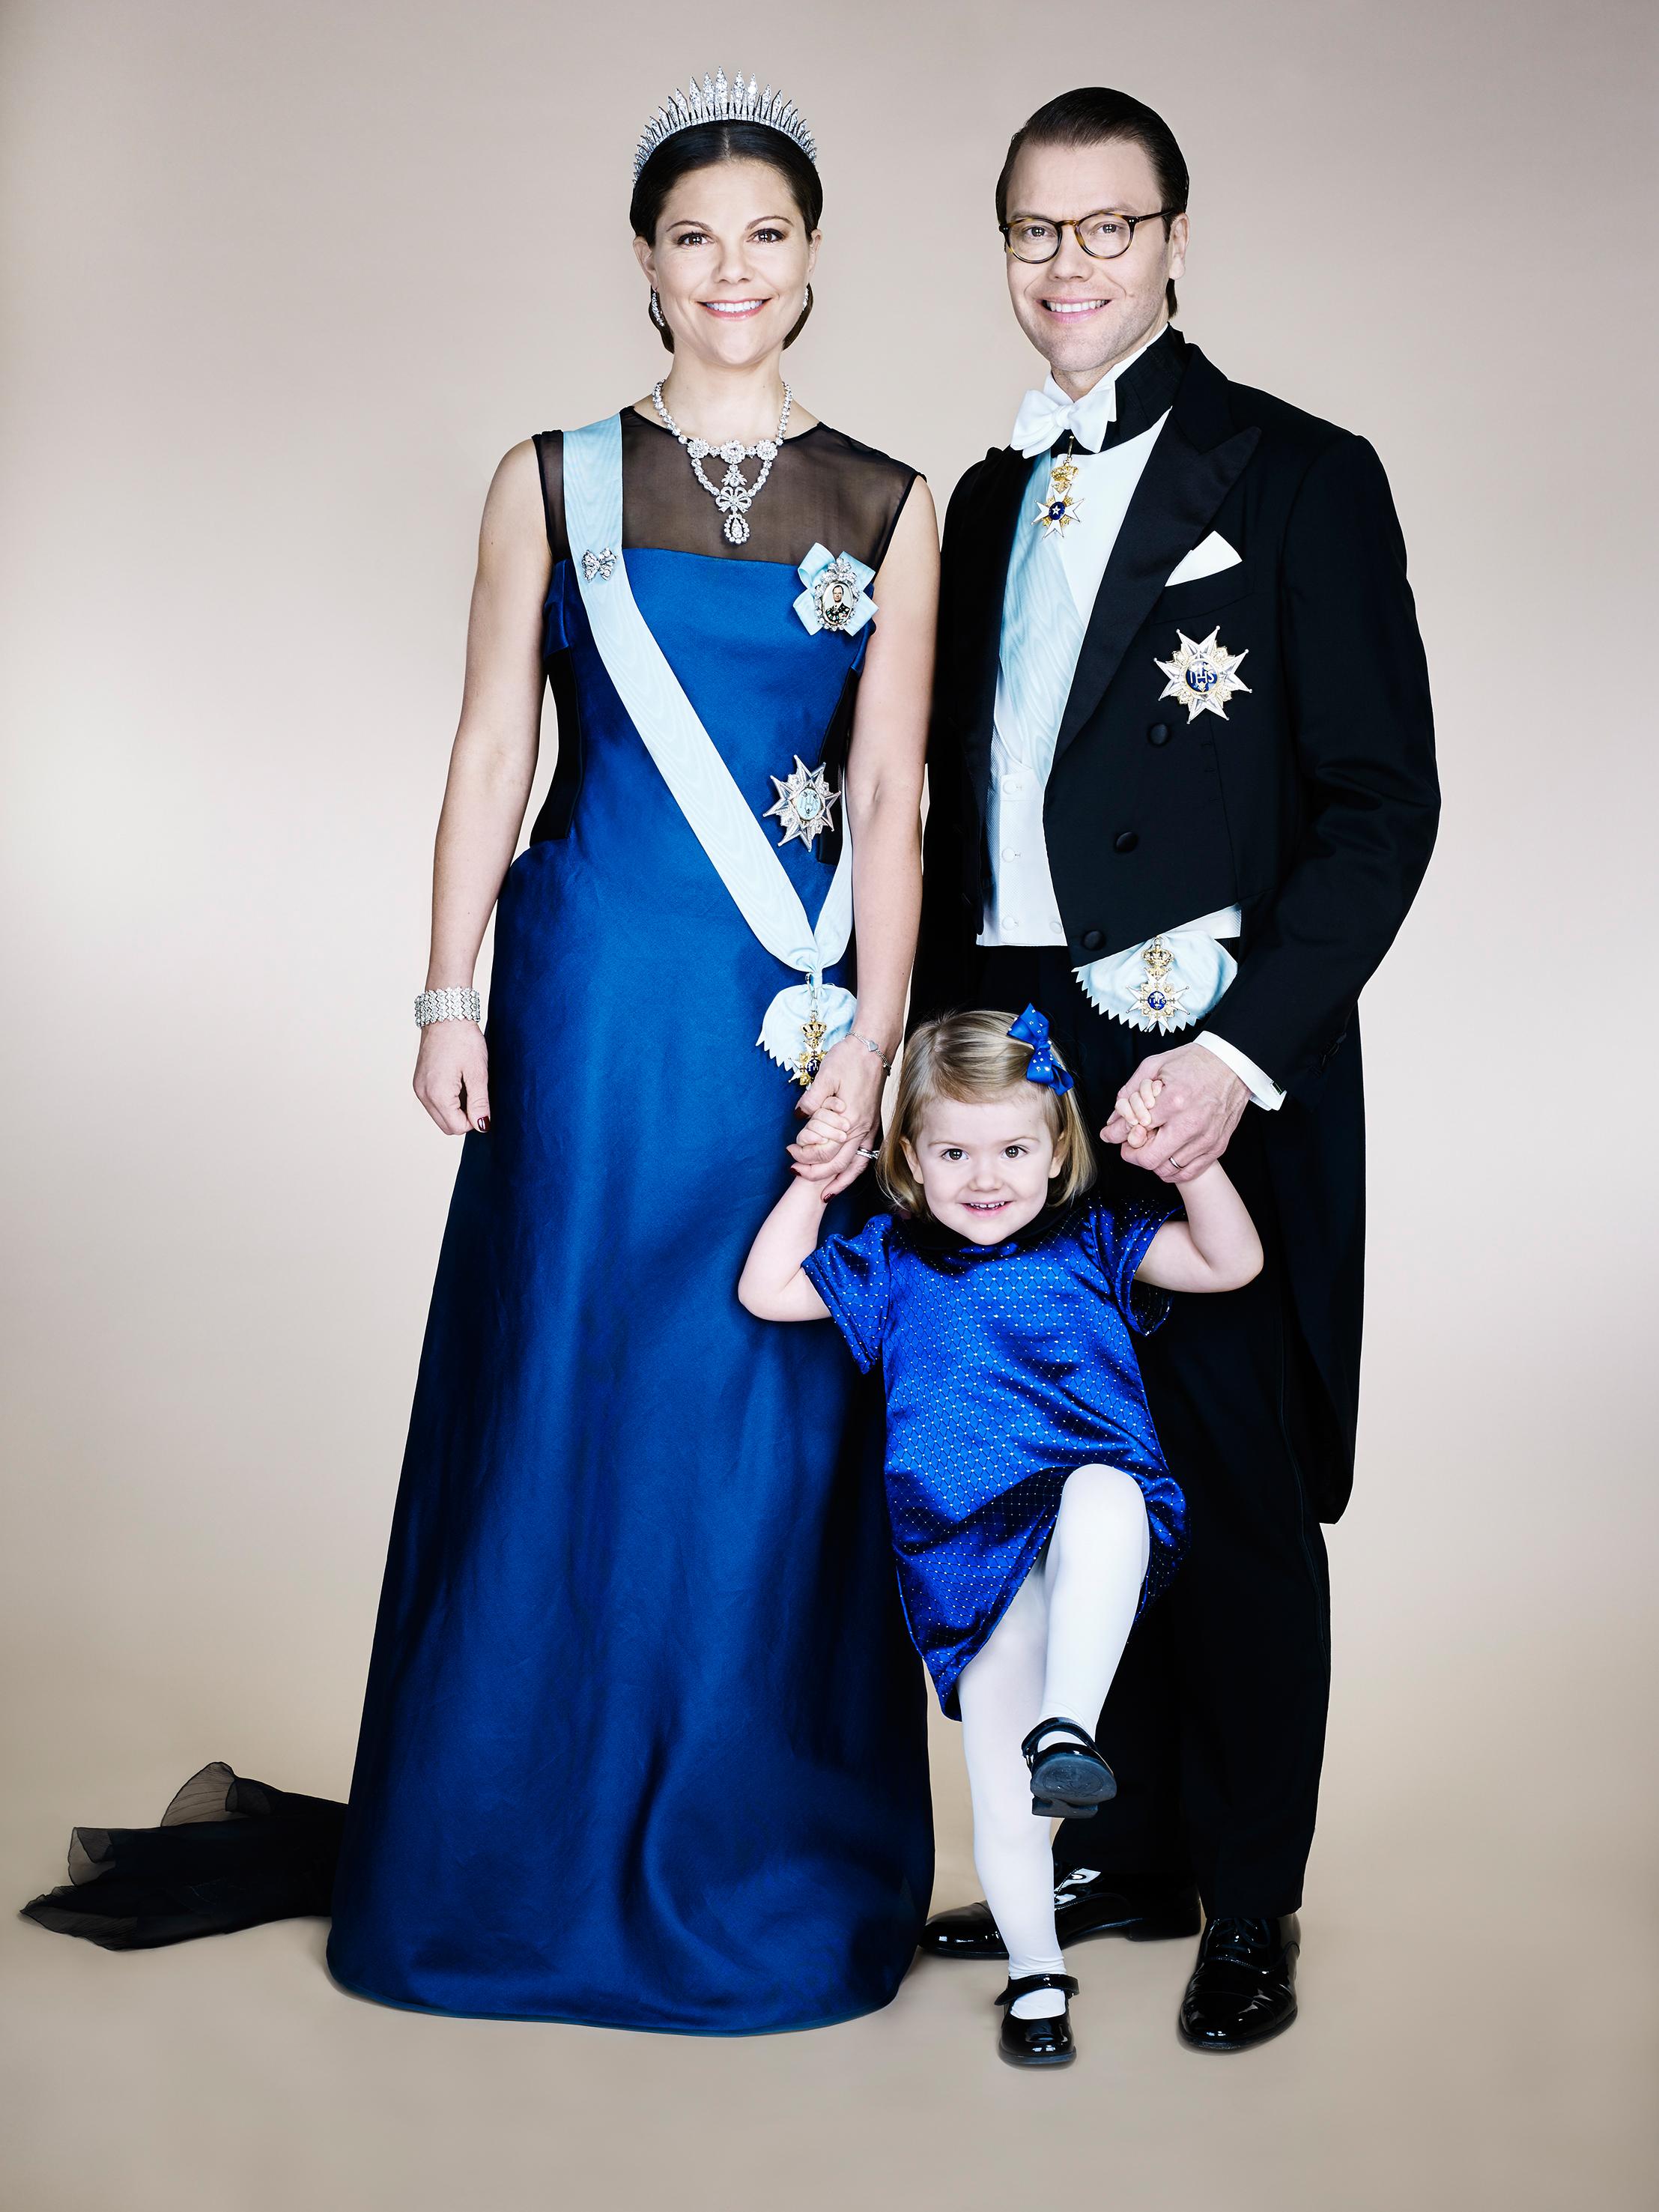 Kronprinsessan+Victoria+Prins+Daniel+Prinsessan+Estelle+Foto+Anna-Lena+Ahlström+Kungahuset.se